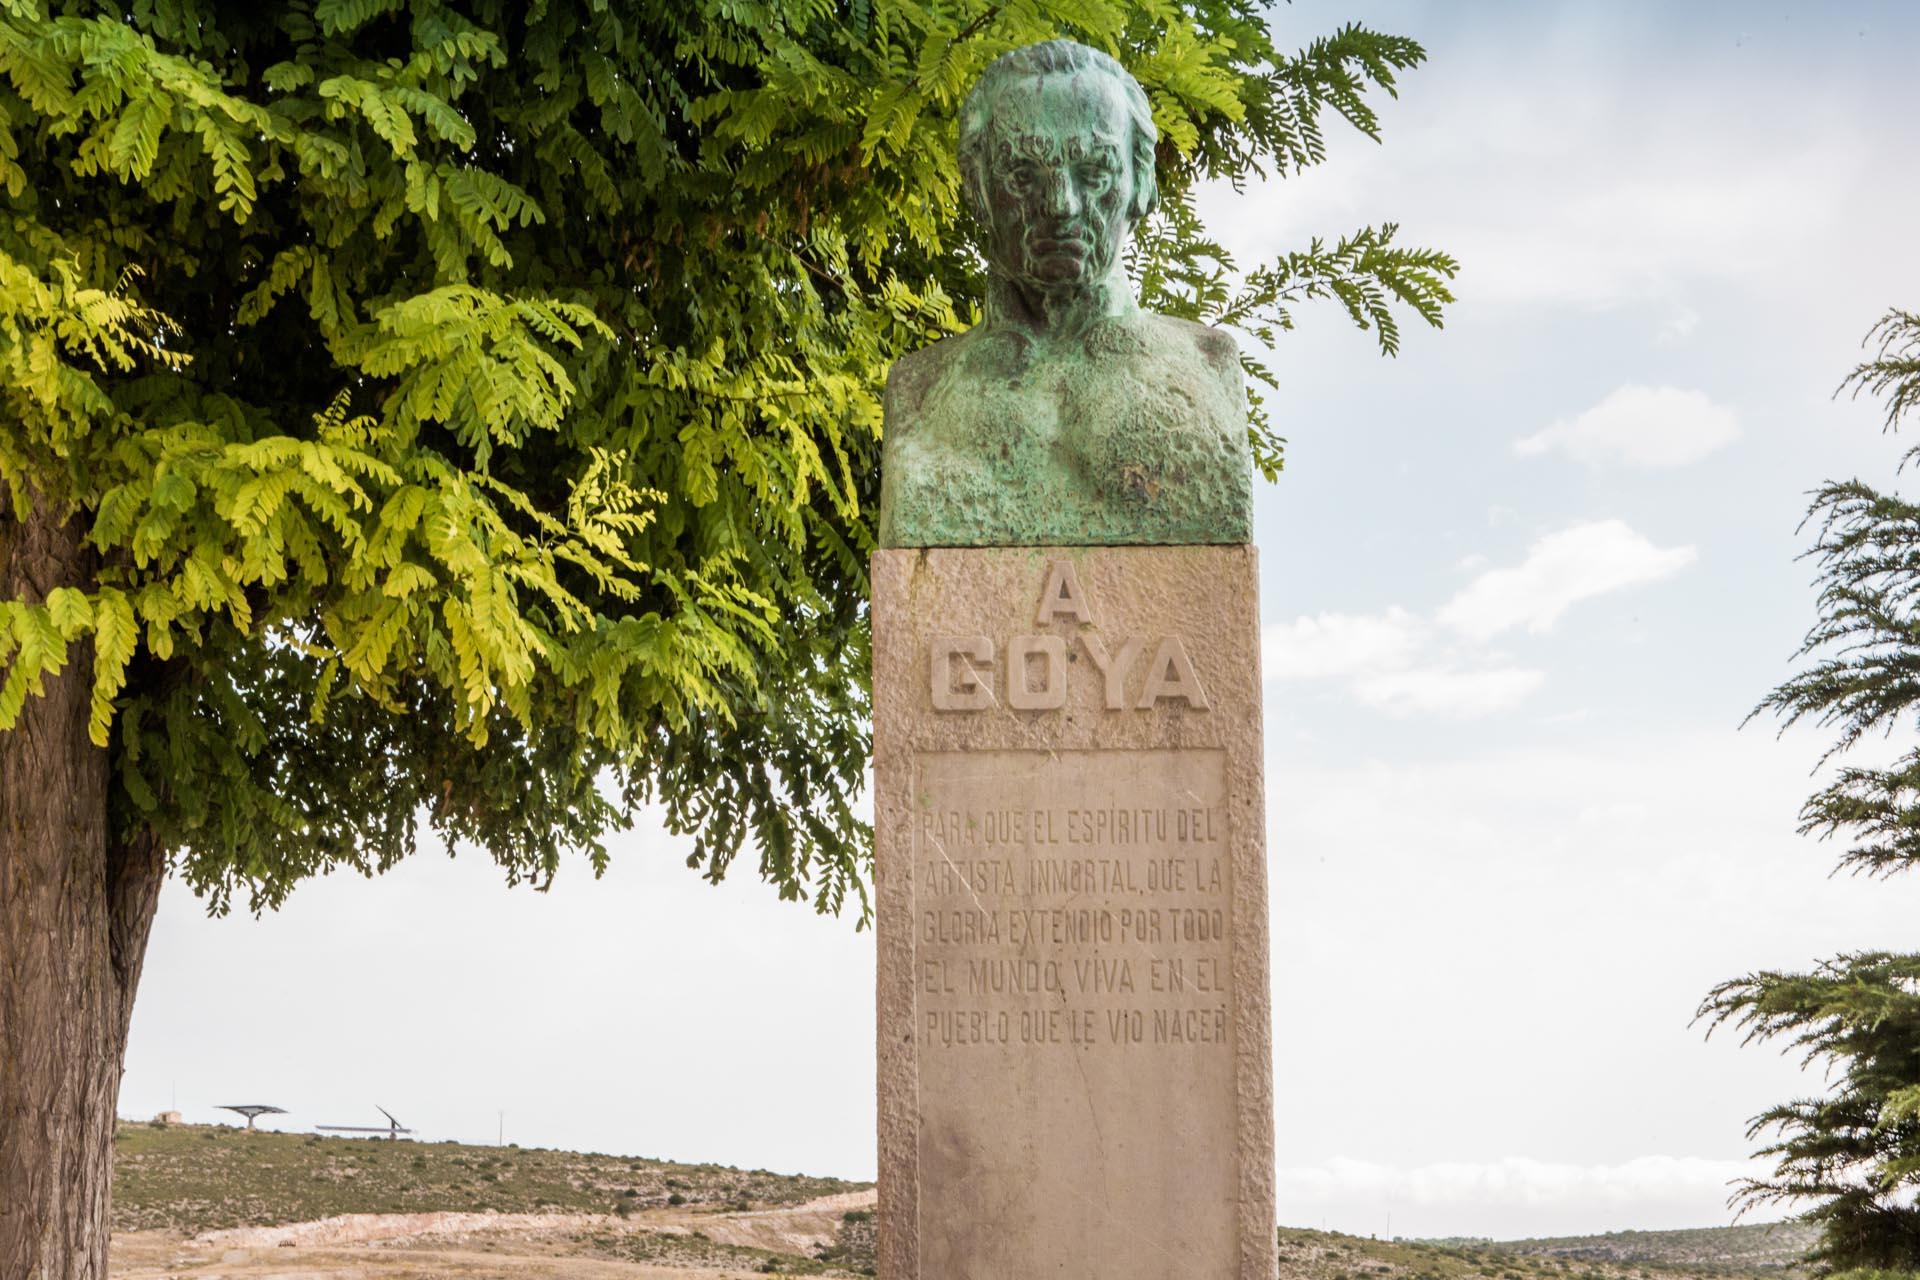 Aorodarse-meter-foto-pueblo-con-escultura-letras-Goya-oxido-3